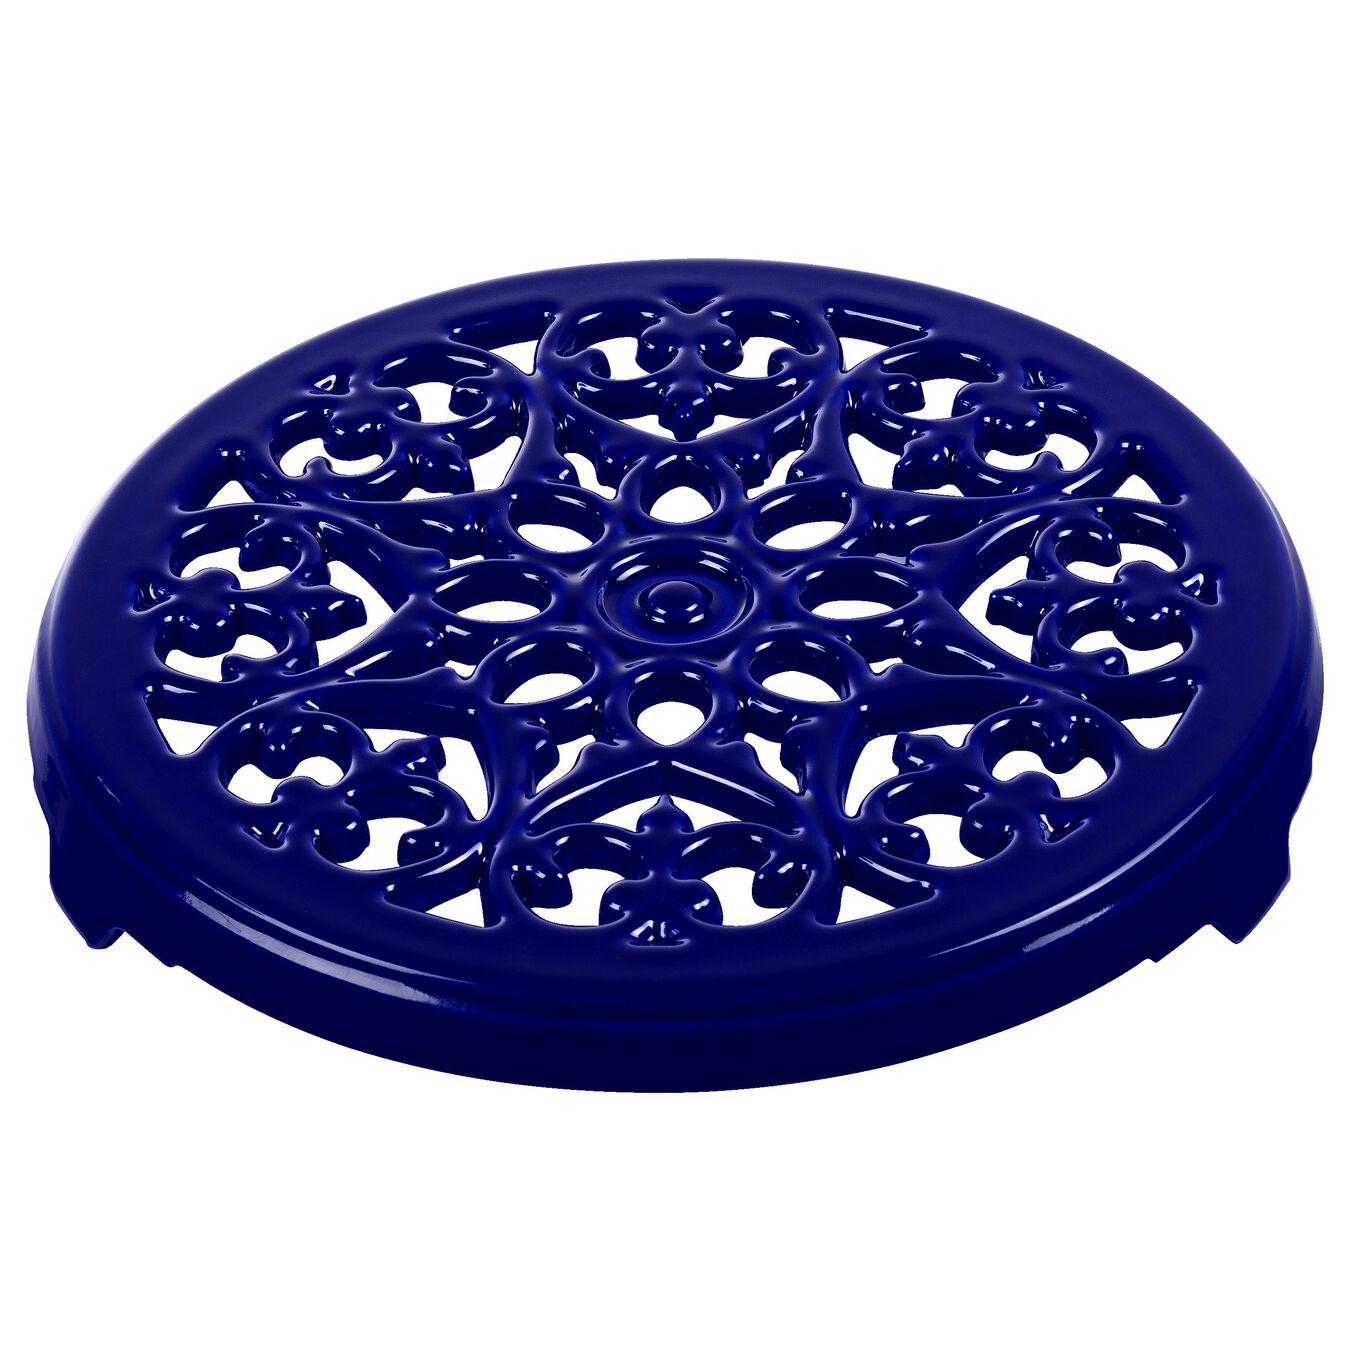 Ensemble de casseroles, 2-pcs   round   Cast iron   Dark-Blue,,large 3